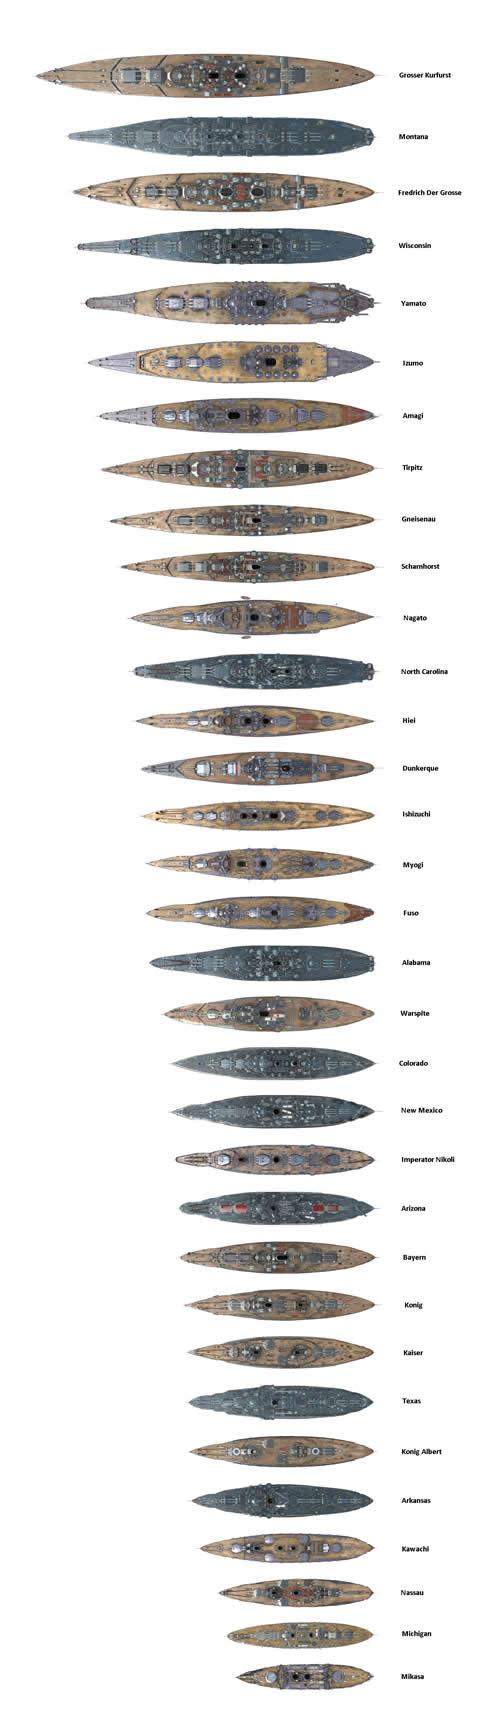 WoWS 戦艦 サイズ 比較